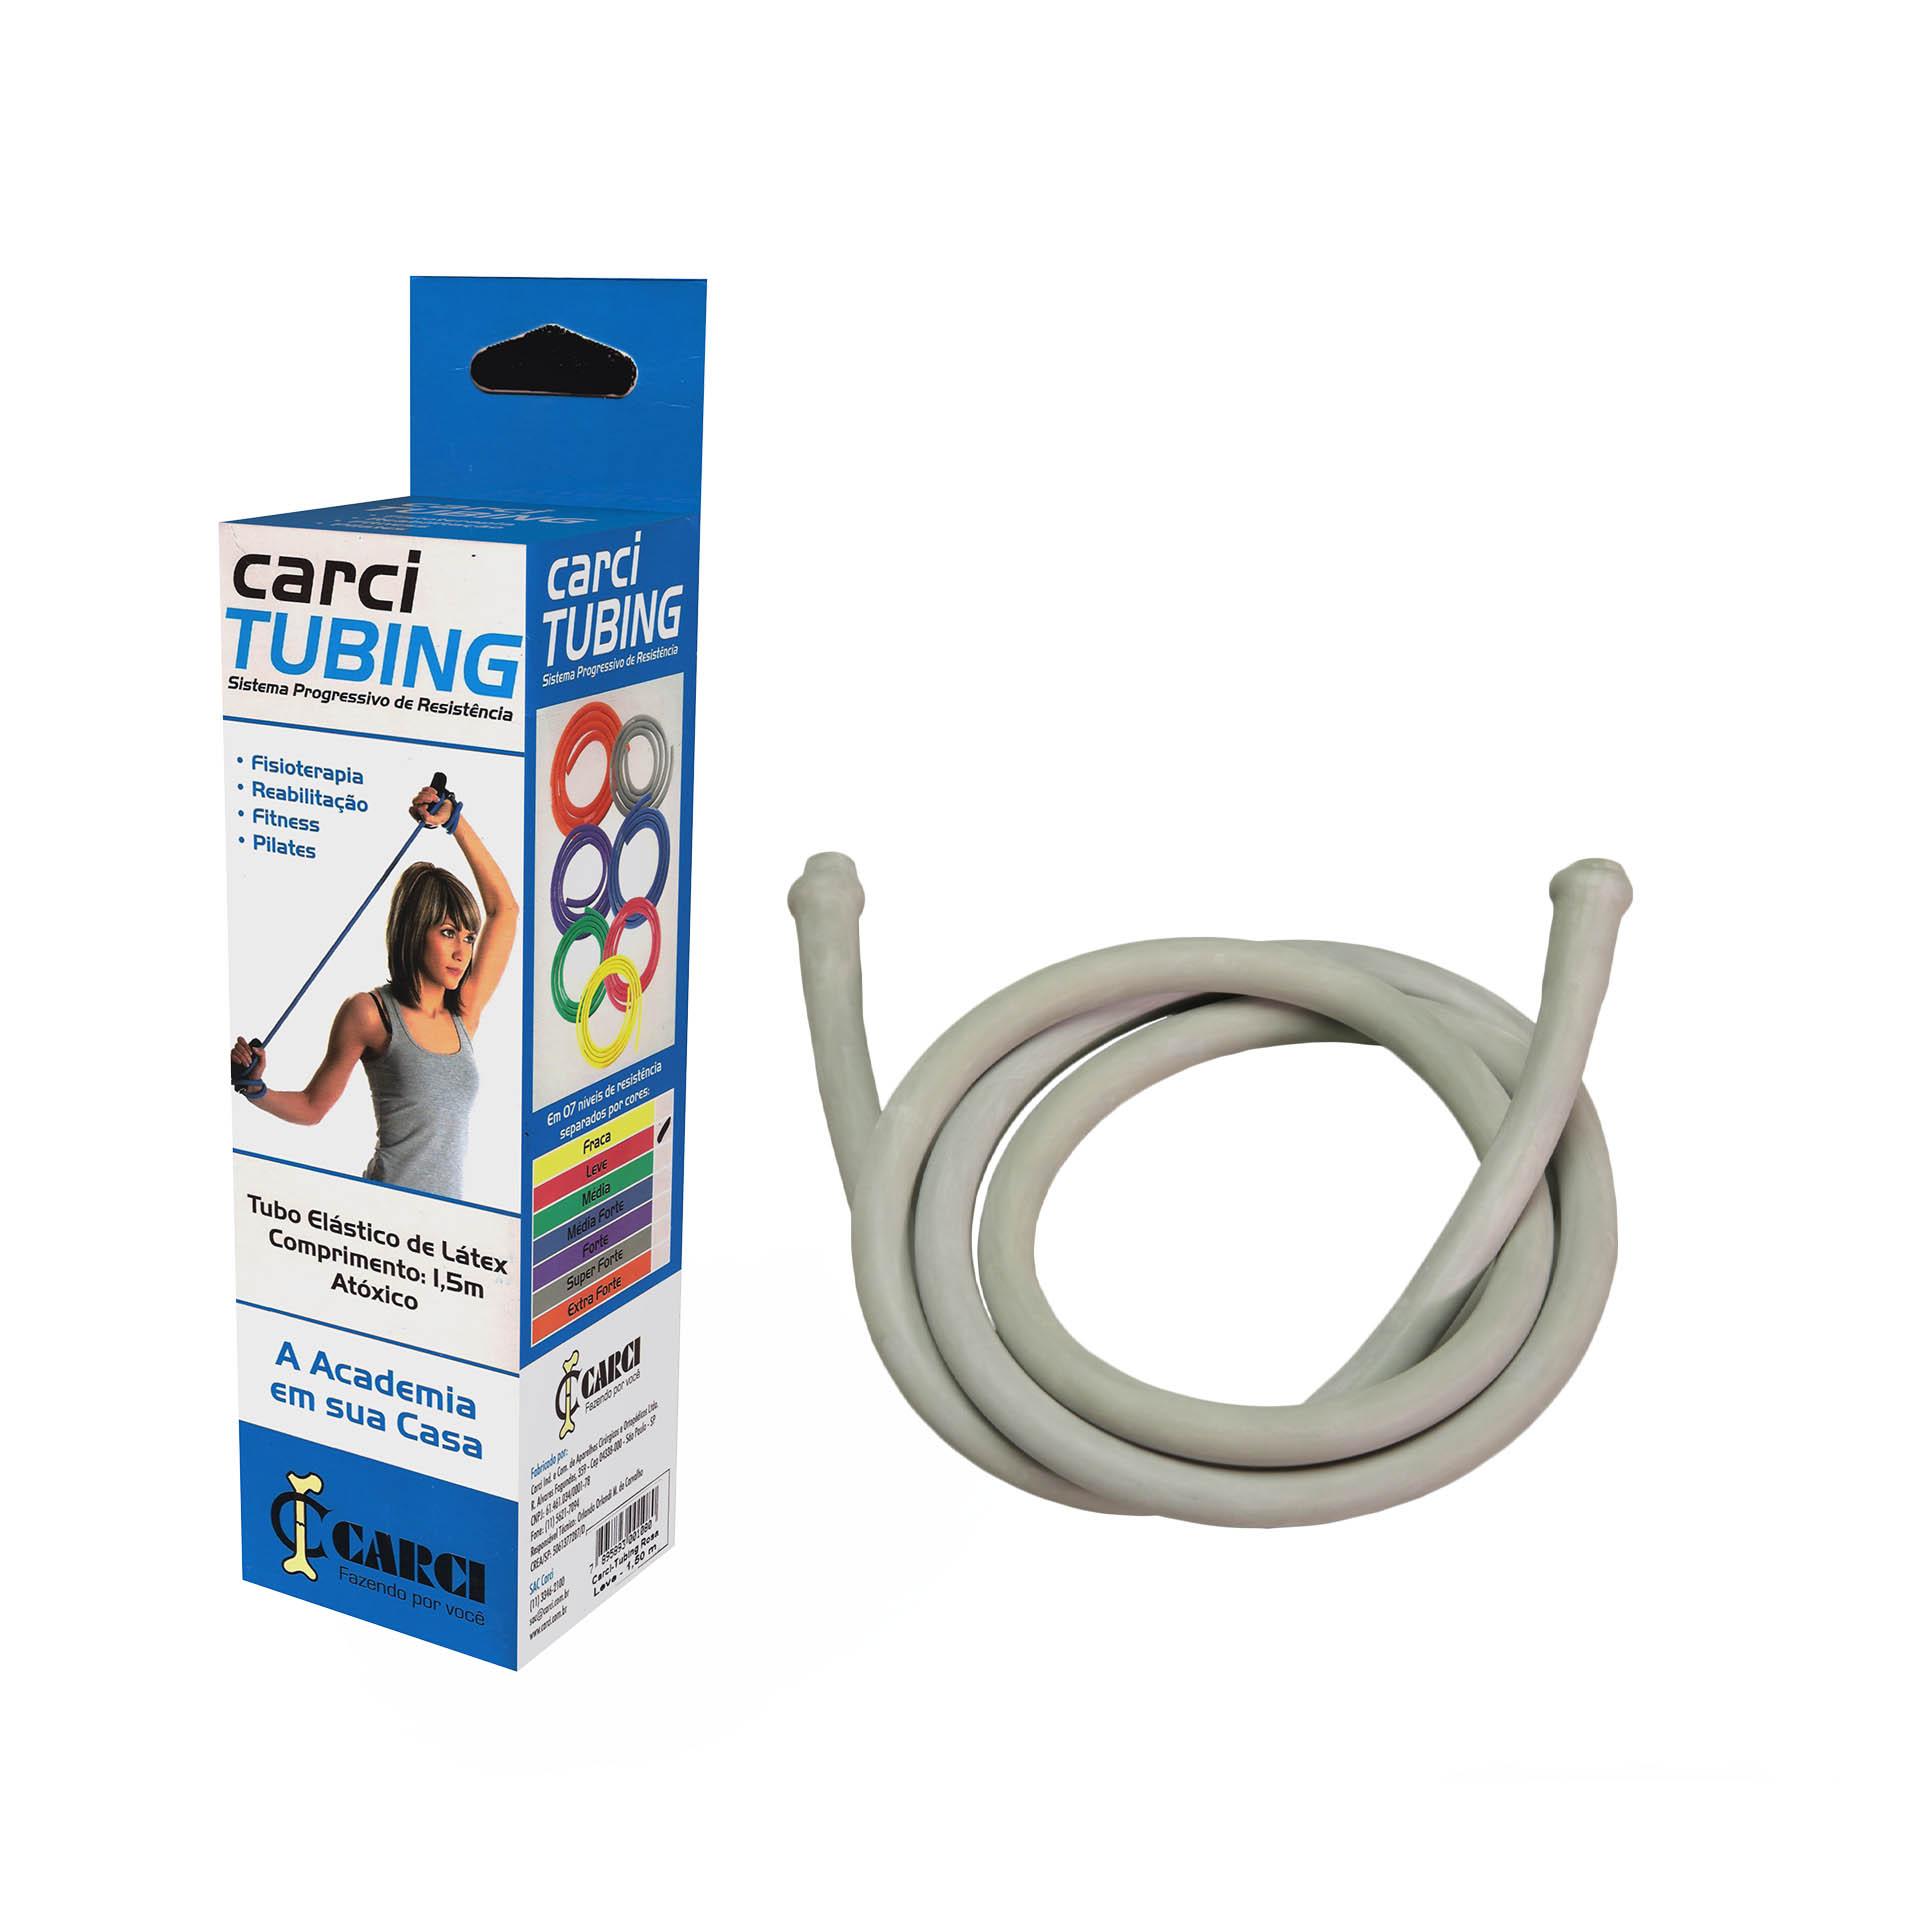 Carci Tubing - Tubo elástico para exercícios resistência super forte prata - RT.01.5050